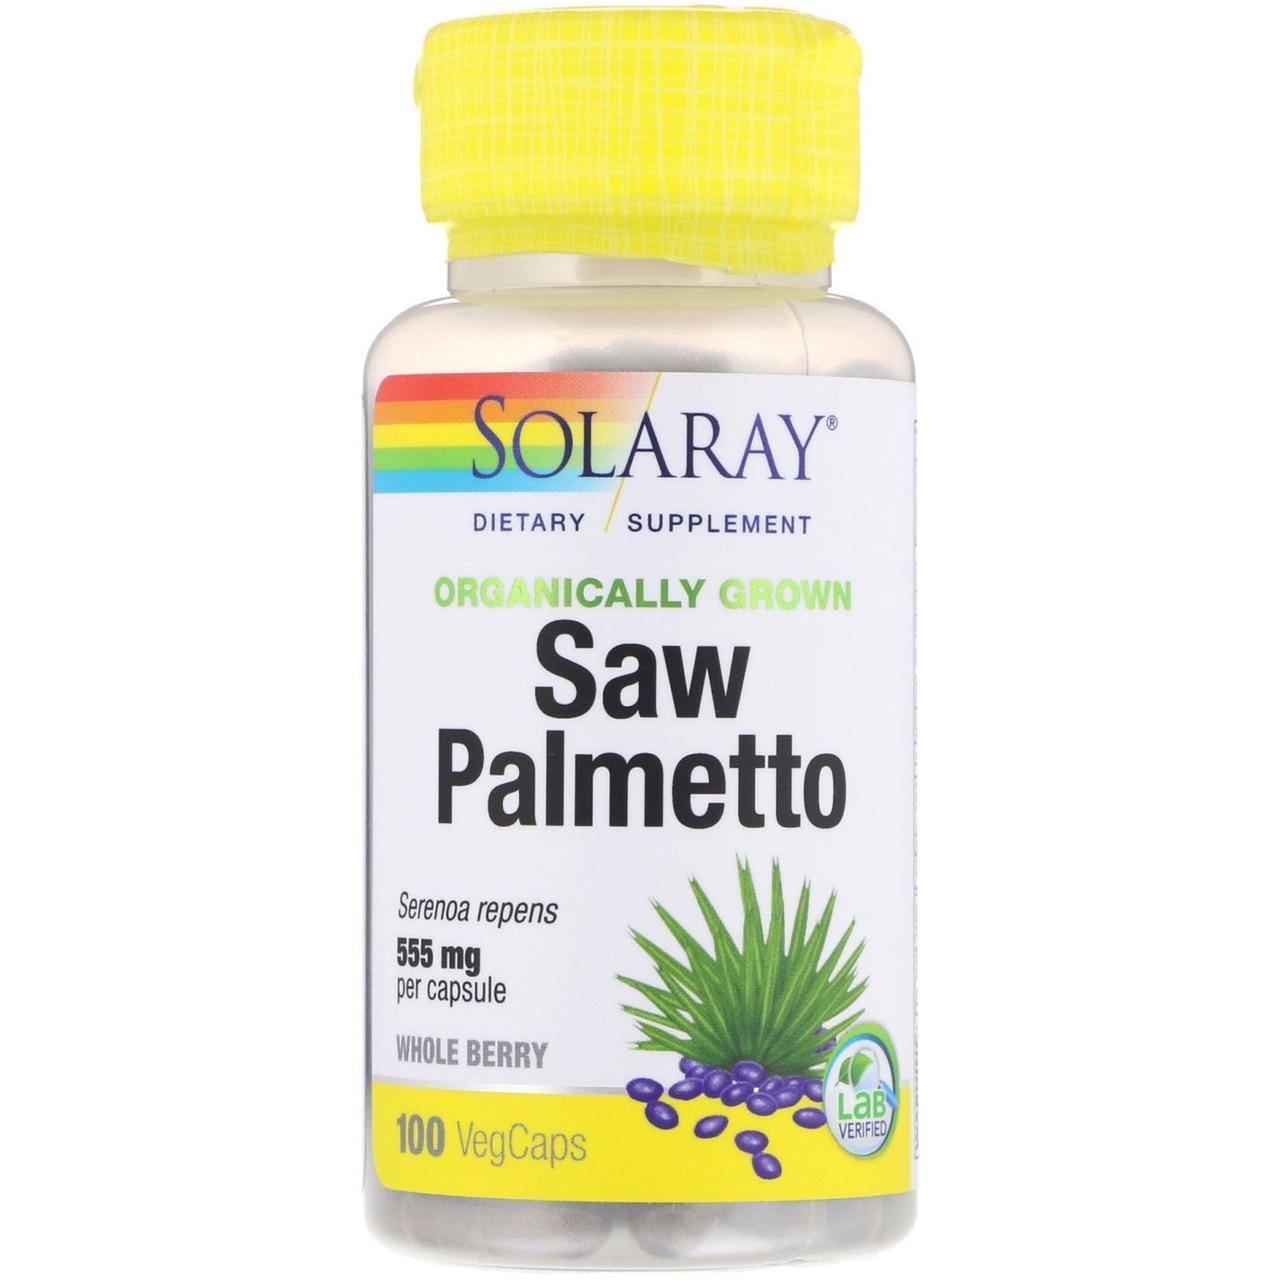 Органически выращенная сереноя от Solaray, 555 мг, 100 капсул с растительной оболочкой